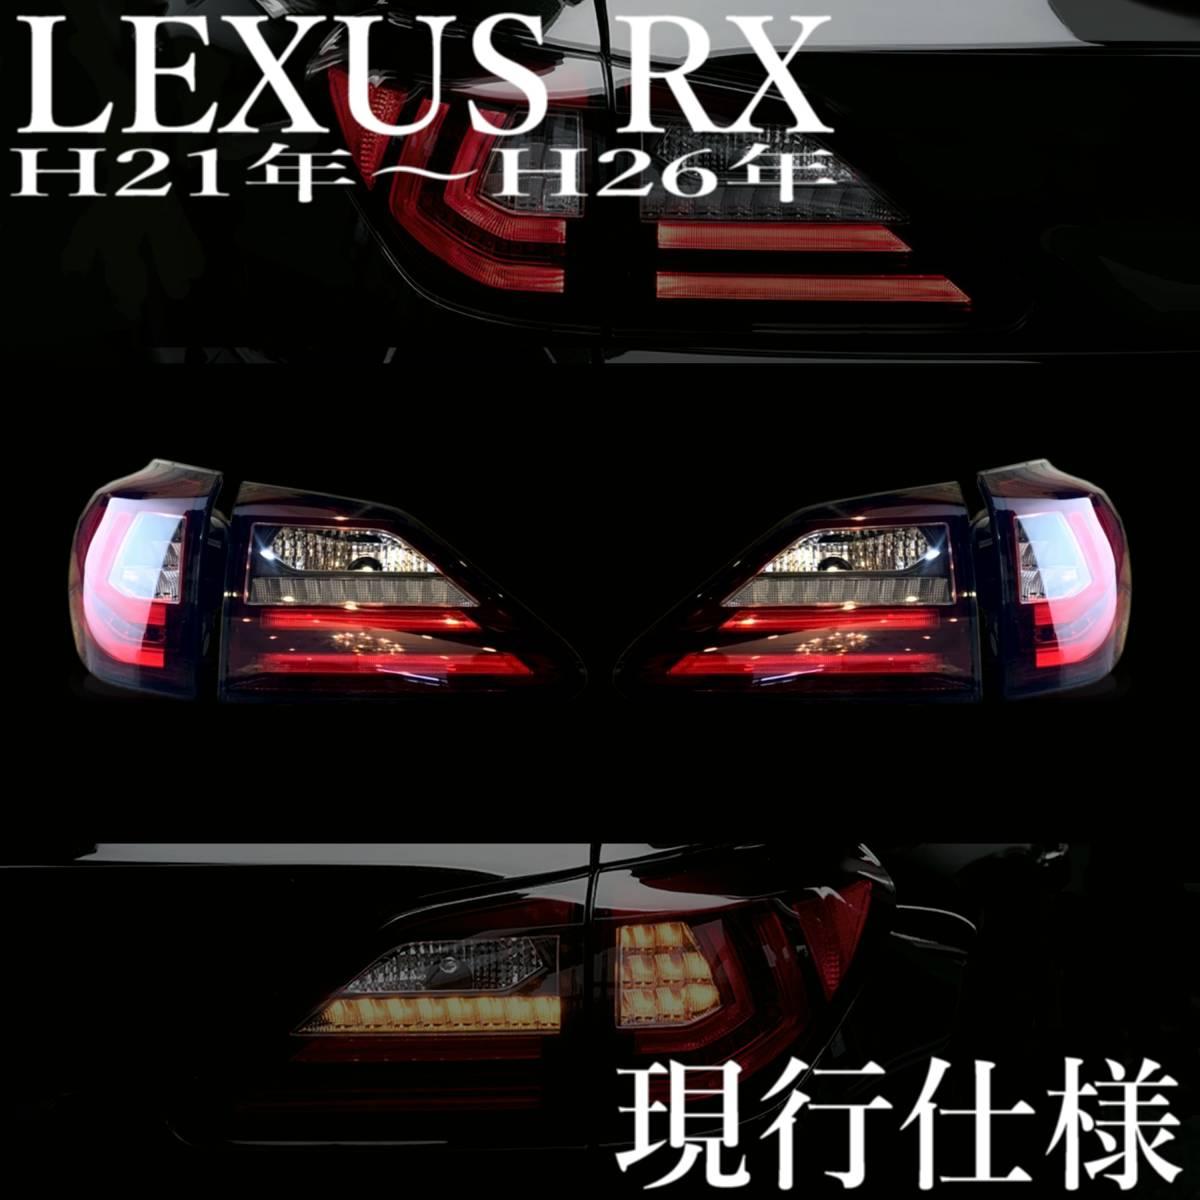 レクサス RX 10系用 20系仕様 流れるウィンカー テール シーケンシャルウィンカー lexus AGL10 GGL10 GGL15 GYL10 GYL15 GYL16 CONSERX_画像3